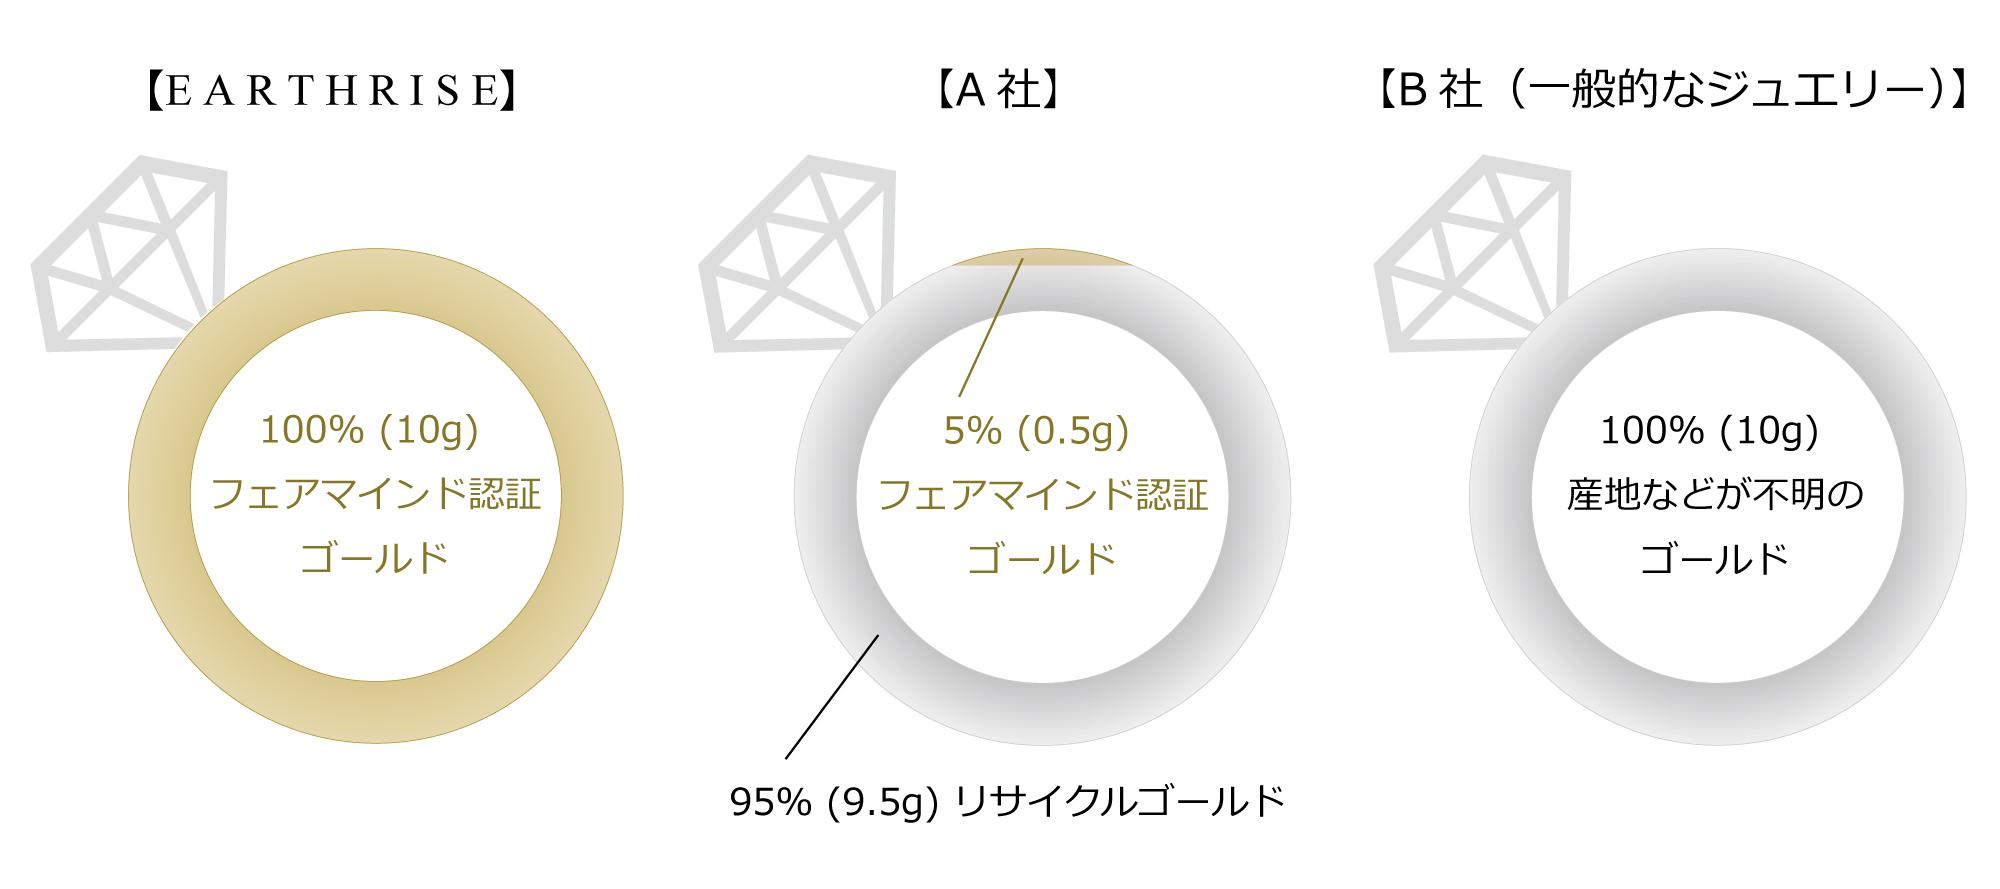 フェアマインド(フェアトレード)ゴールドの使用率